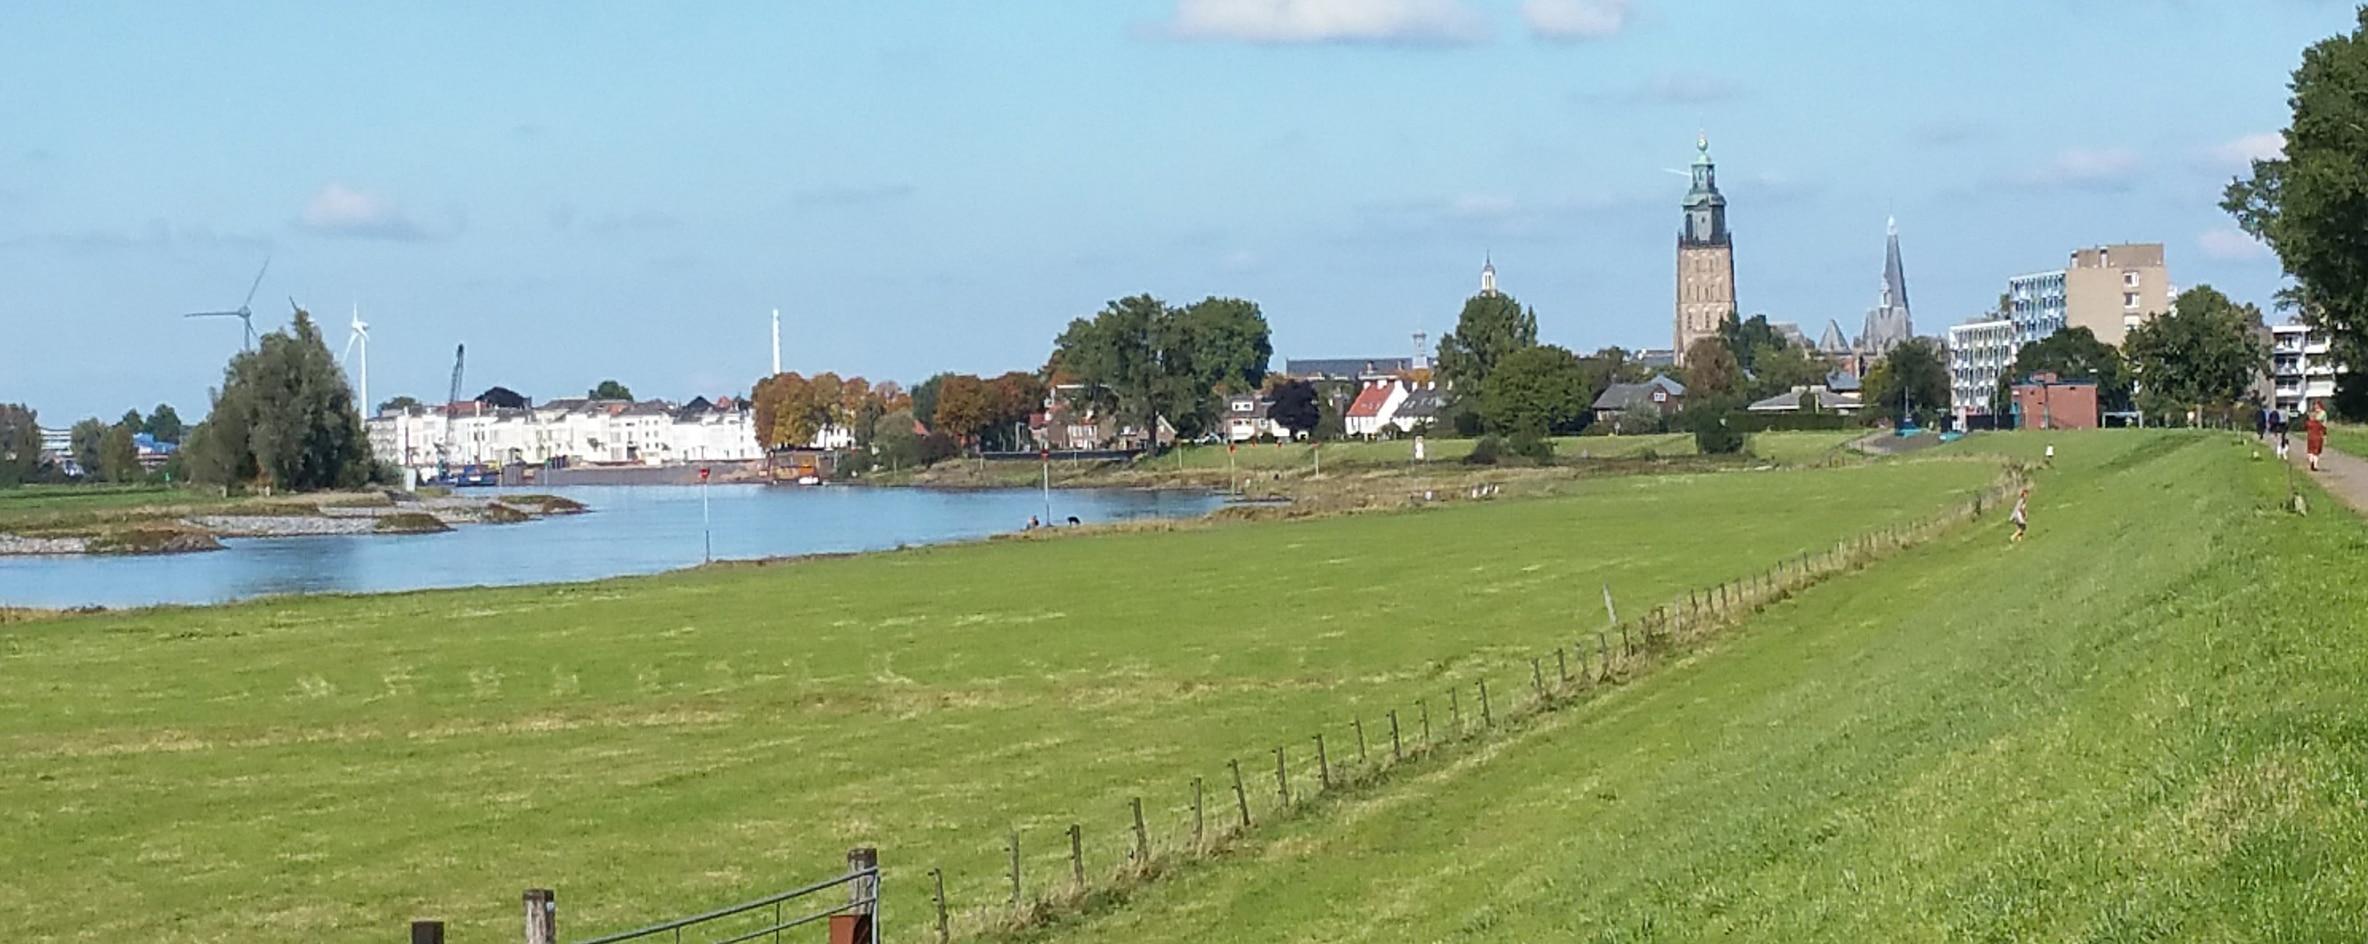 IJsseldijk bij Zutphen